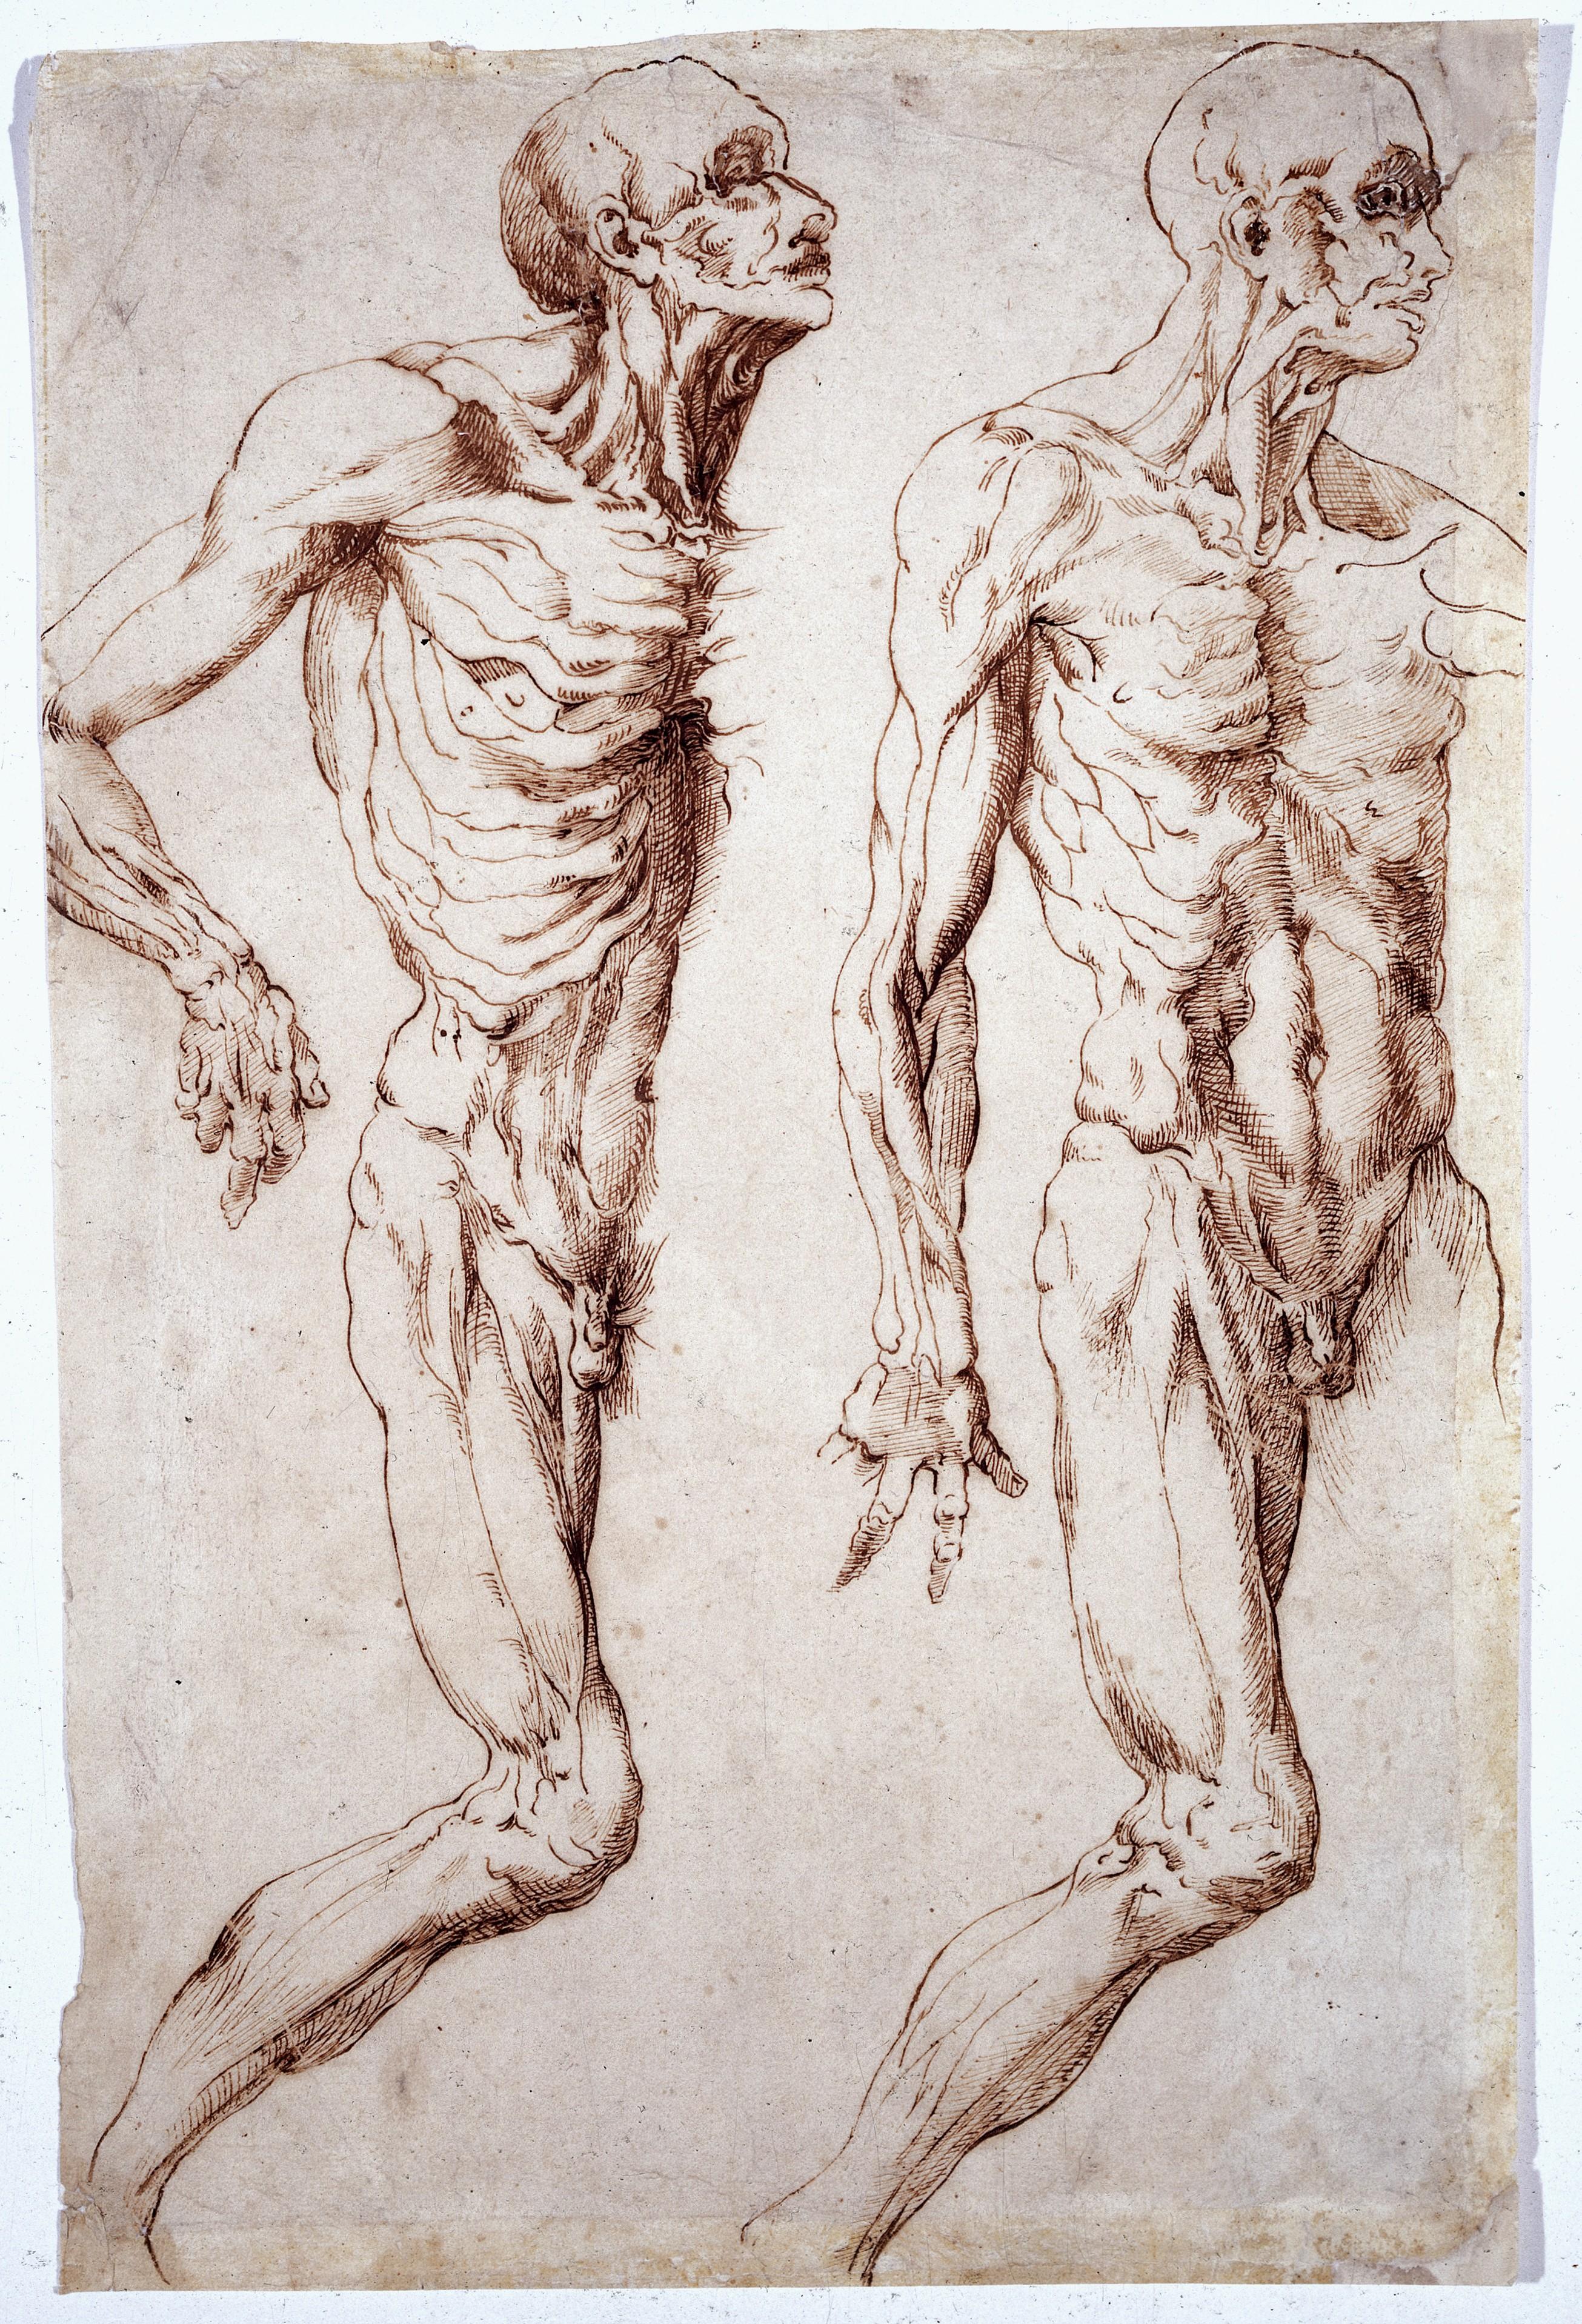 Gemütlich Wellcome Museum Für Anatomie Und Pathologie Galerie ...